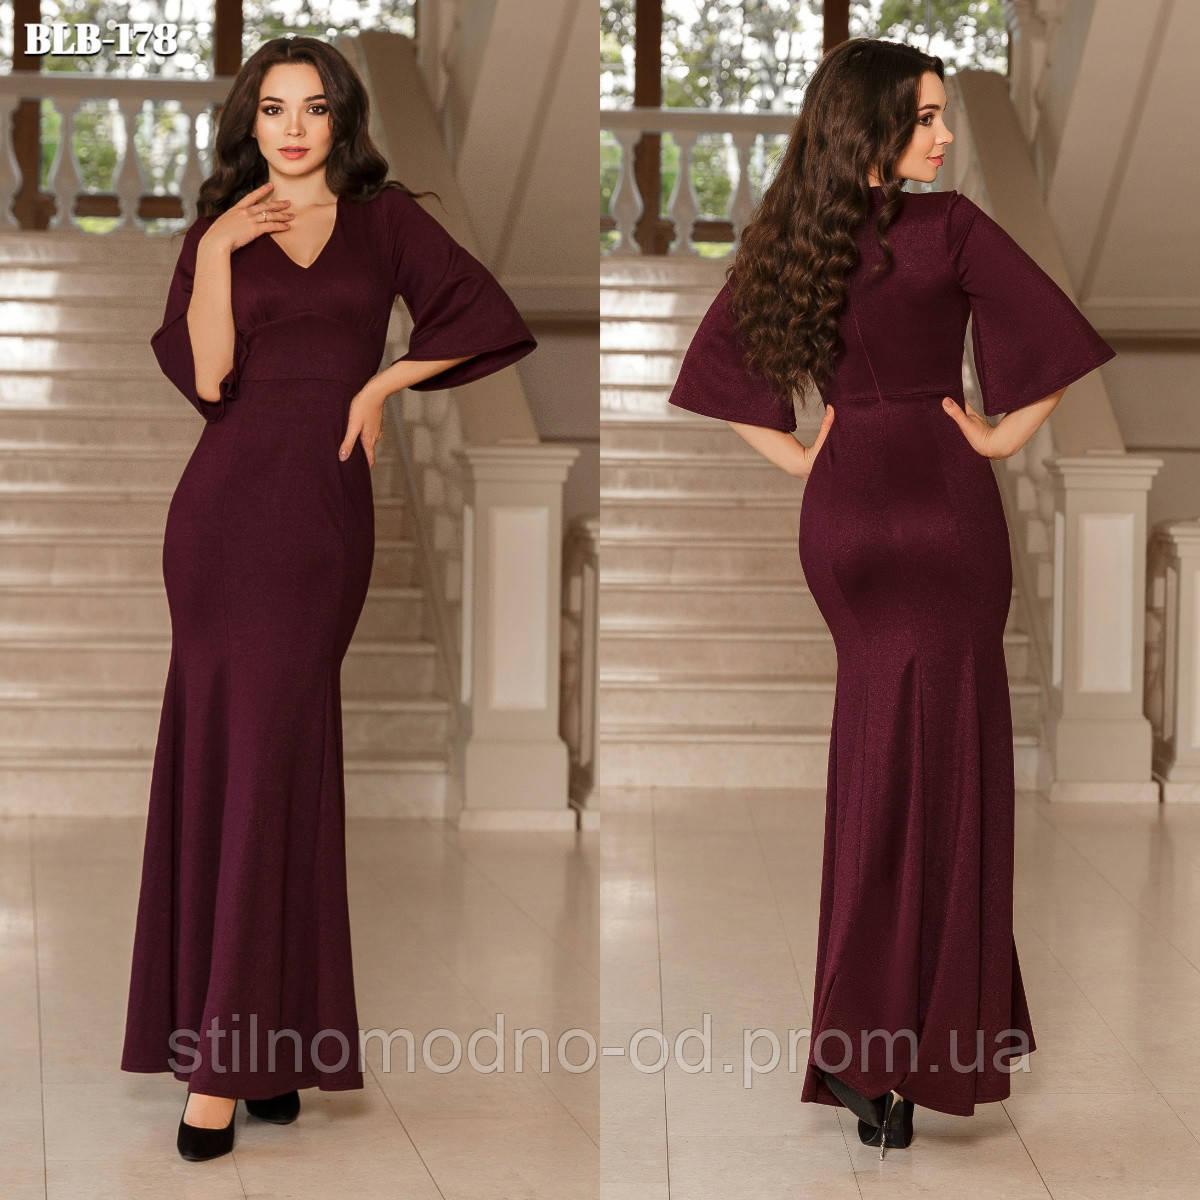 Вечірня сукня з середнім декольте в підлогу від Стильномодно